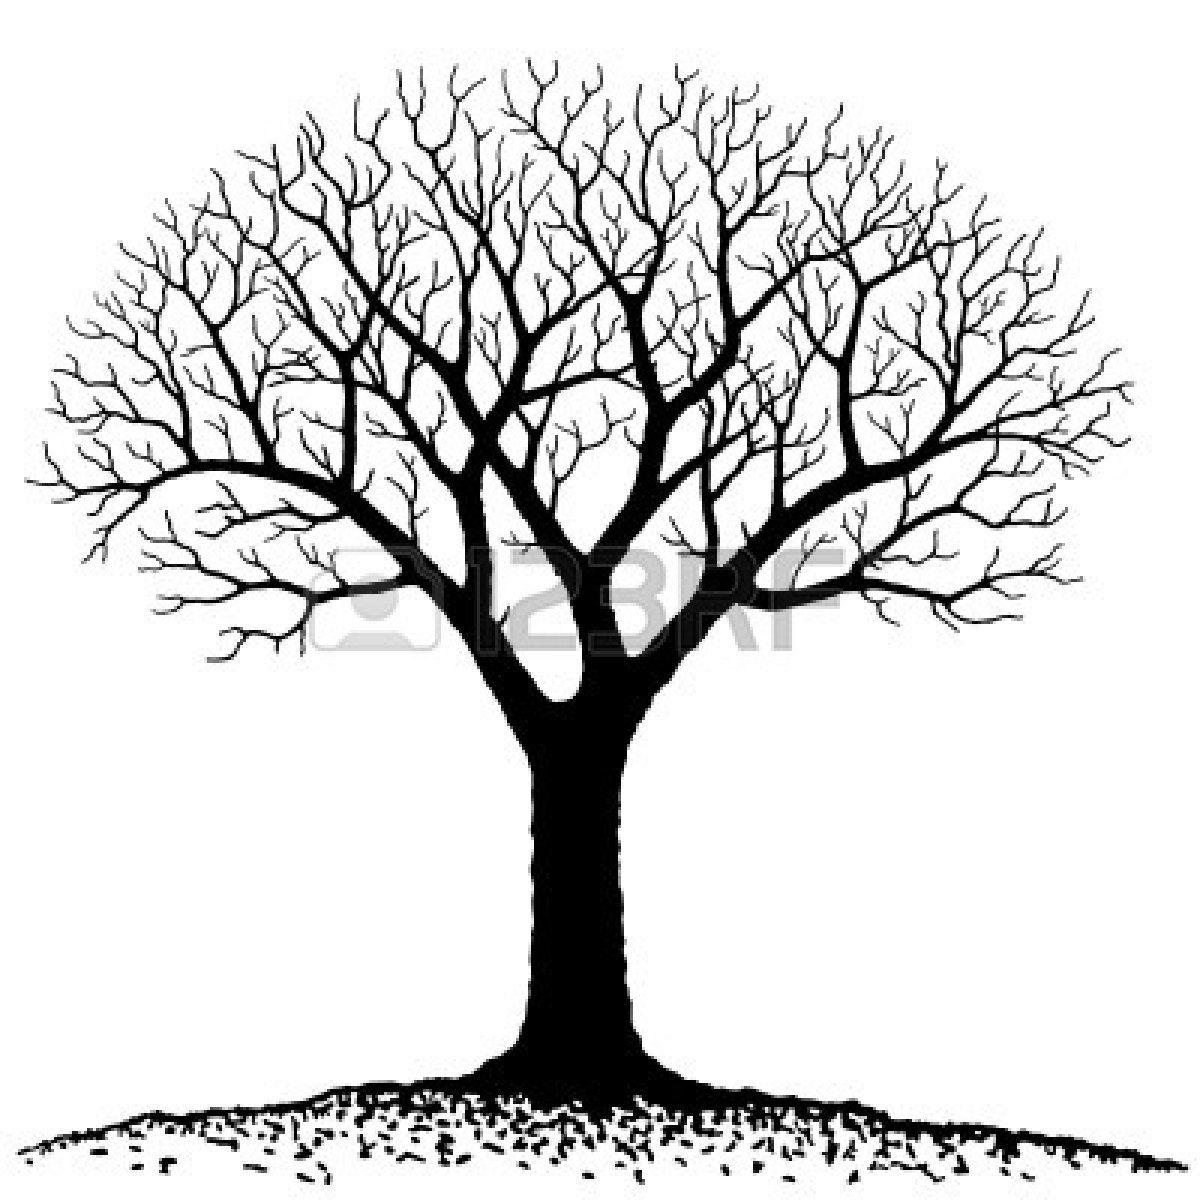 Bare Tree Silhouette Clip Art